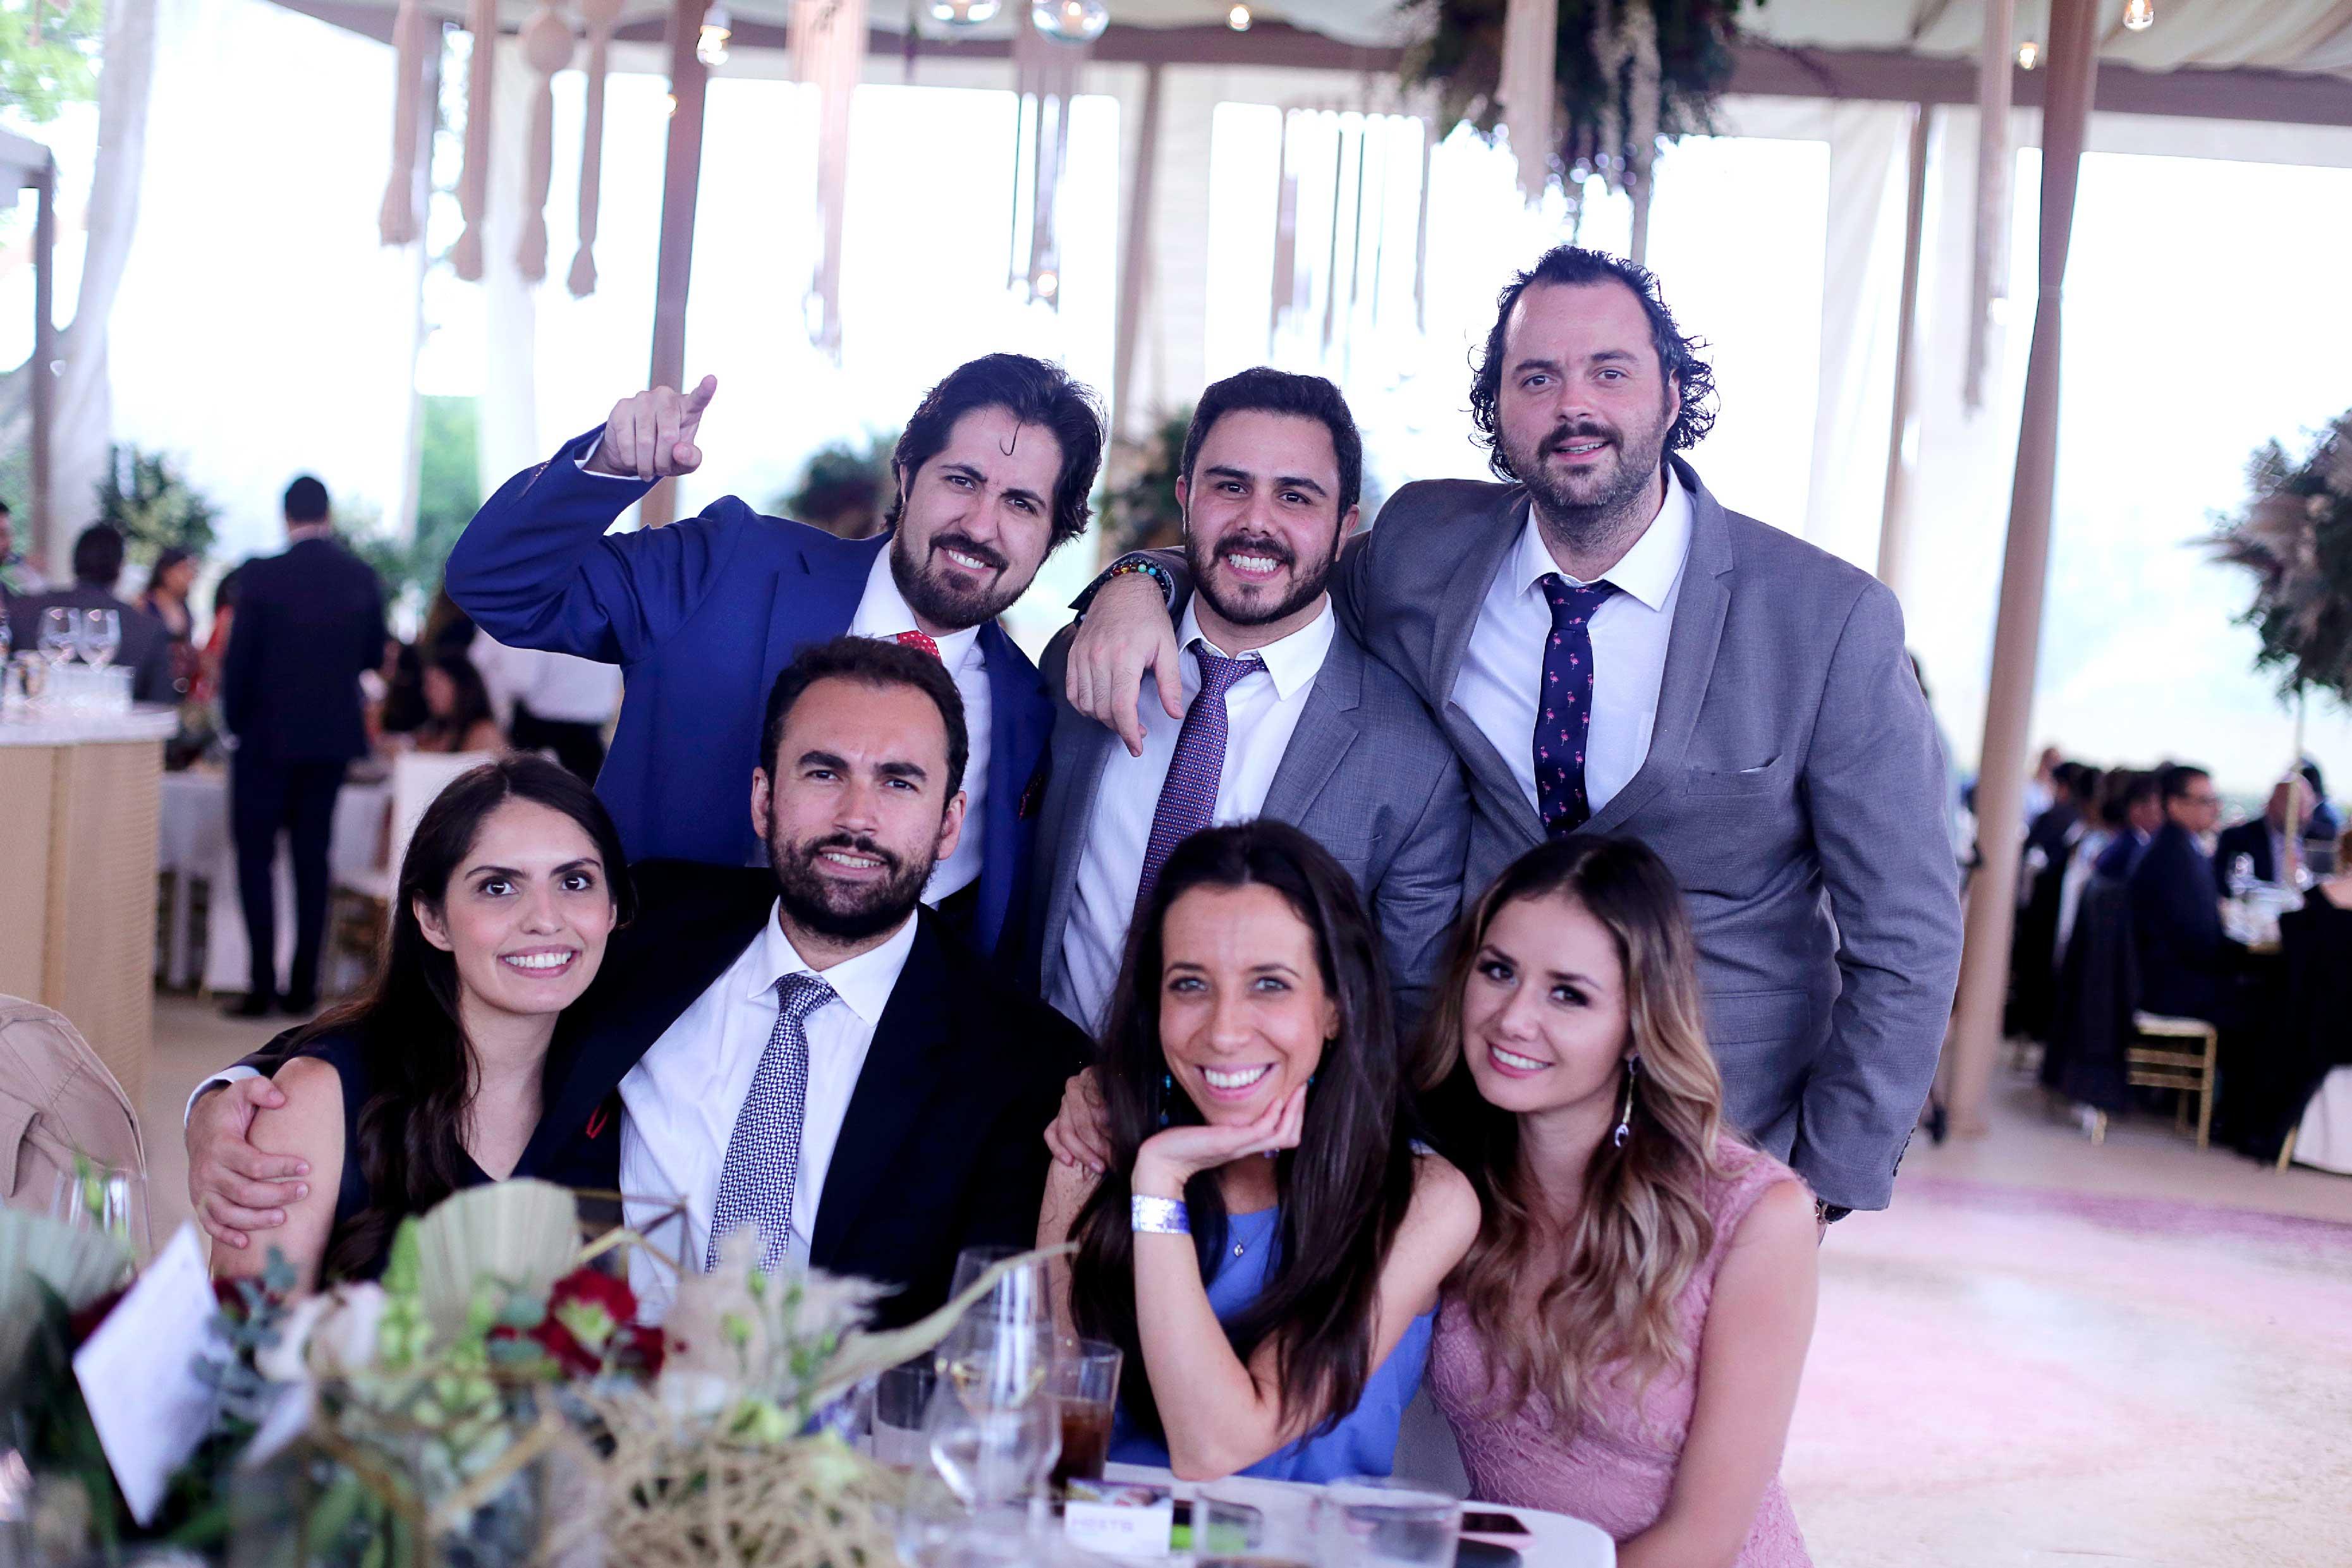 MARCO-MORENO---Adrian,-Diego,-Gerry,-Nats,-Carlos,-Dany-e-Isela